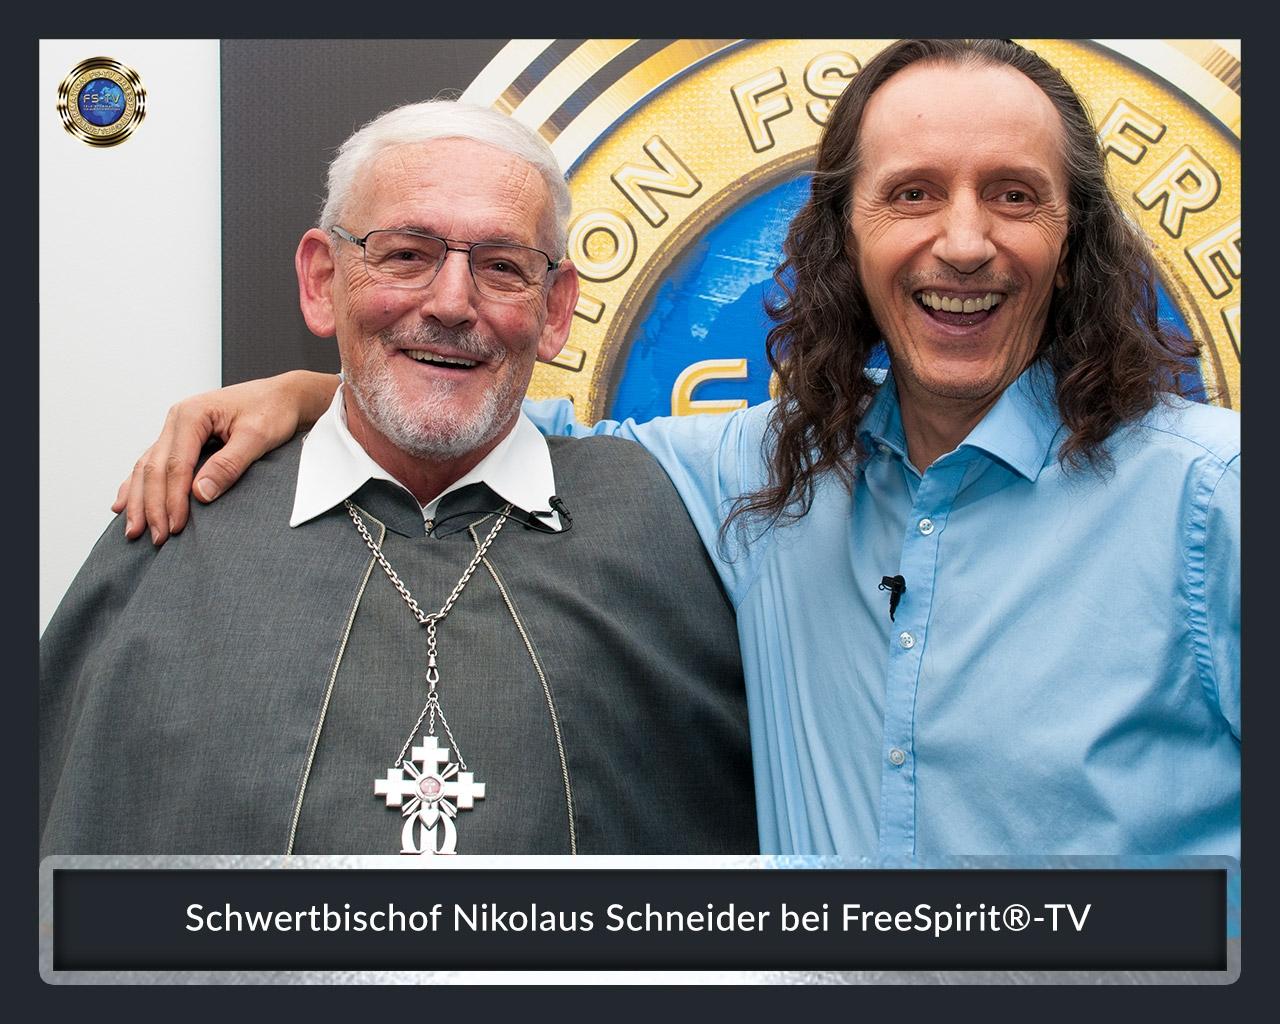 FS-TV-Bildergallerie-Schwertbischof-5